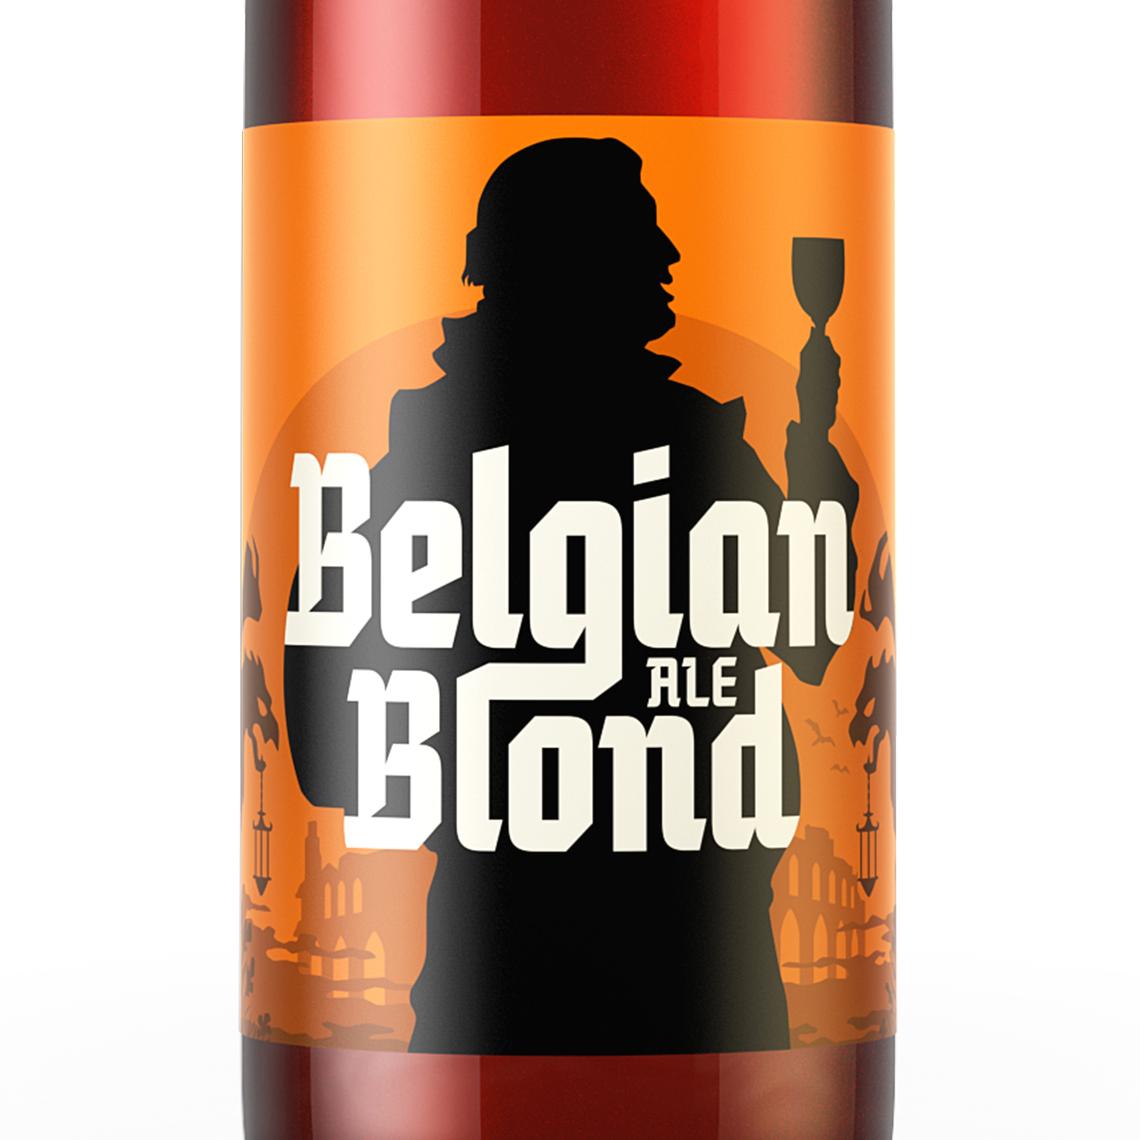 Birbant Belgian Blond Ale